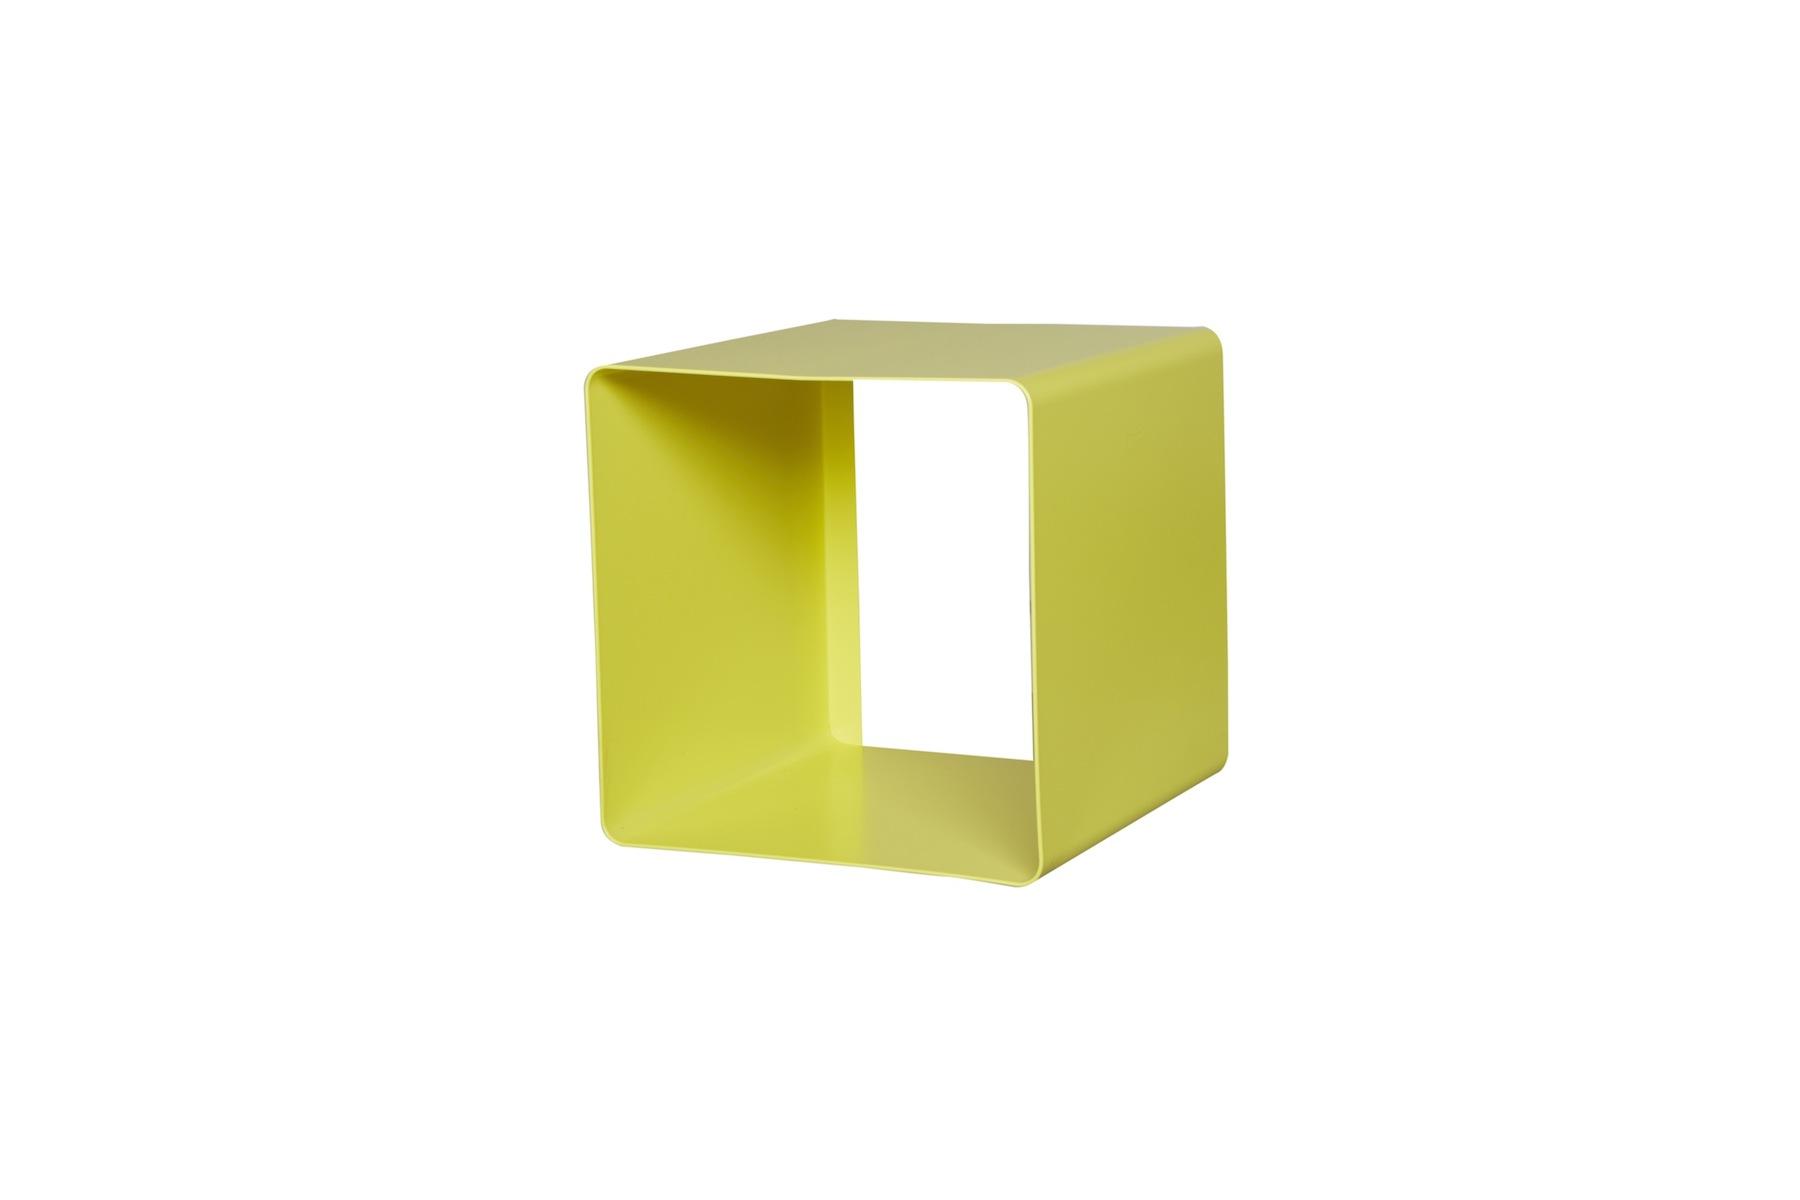 Cubi Contenitori Da Parete.Mensole A Cubo Da Parete Ciok E Biciok Mipiacemolto